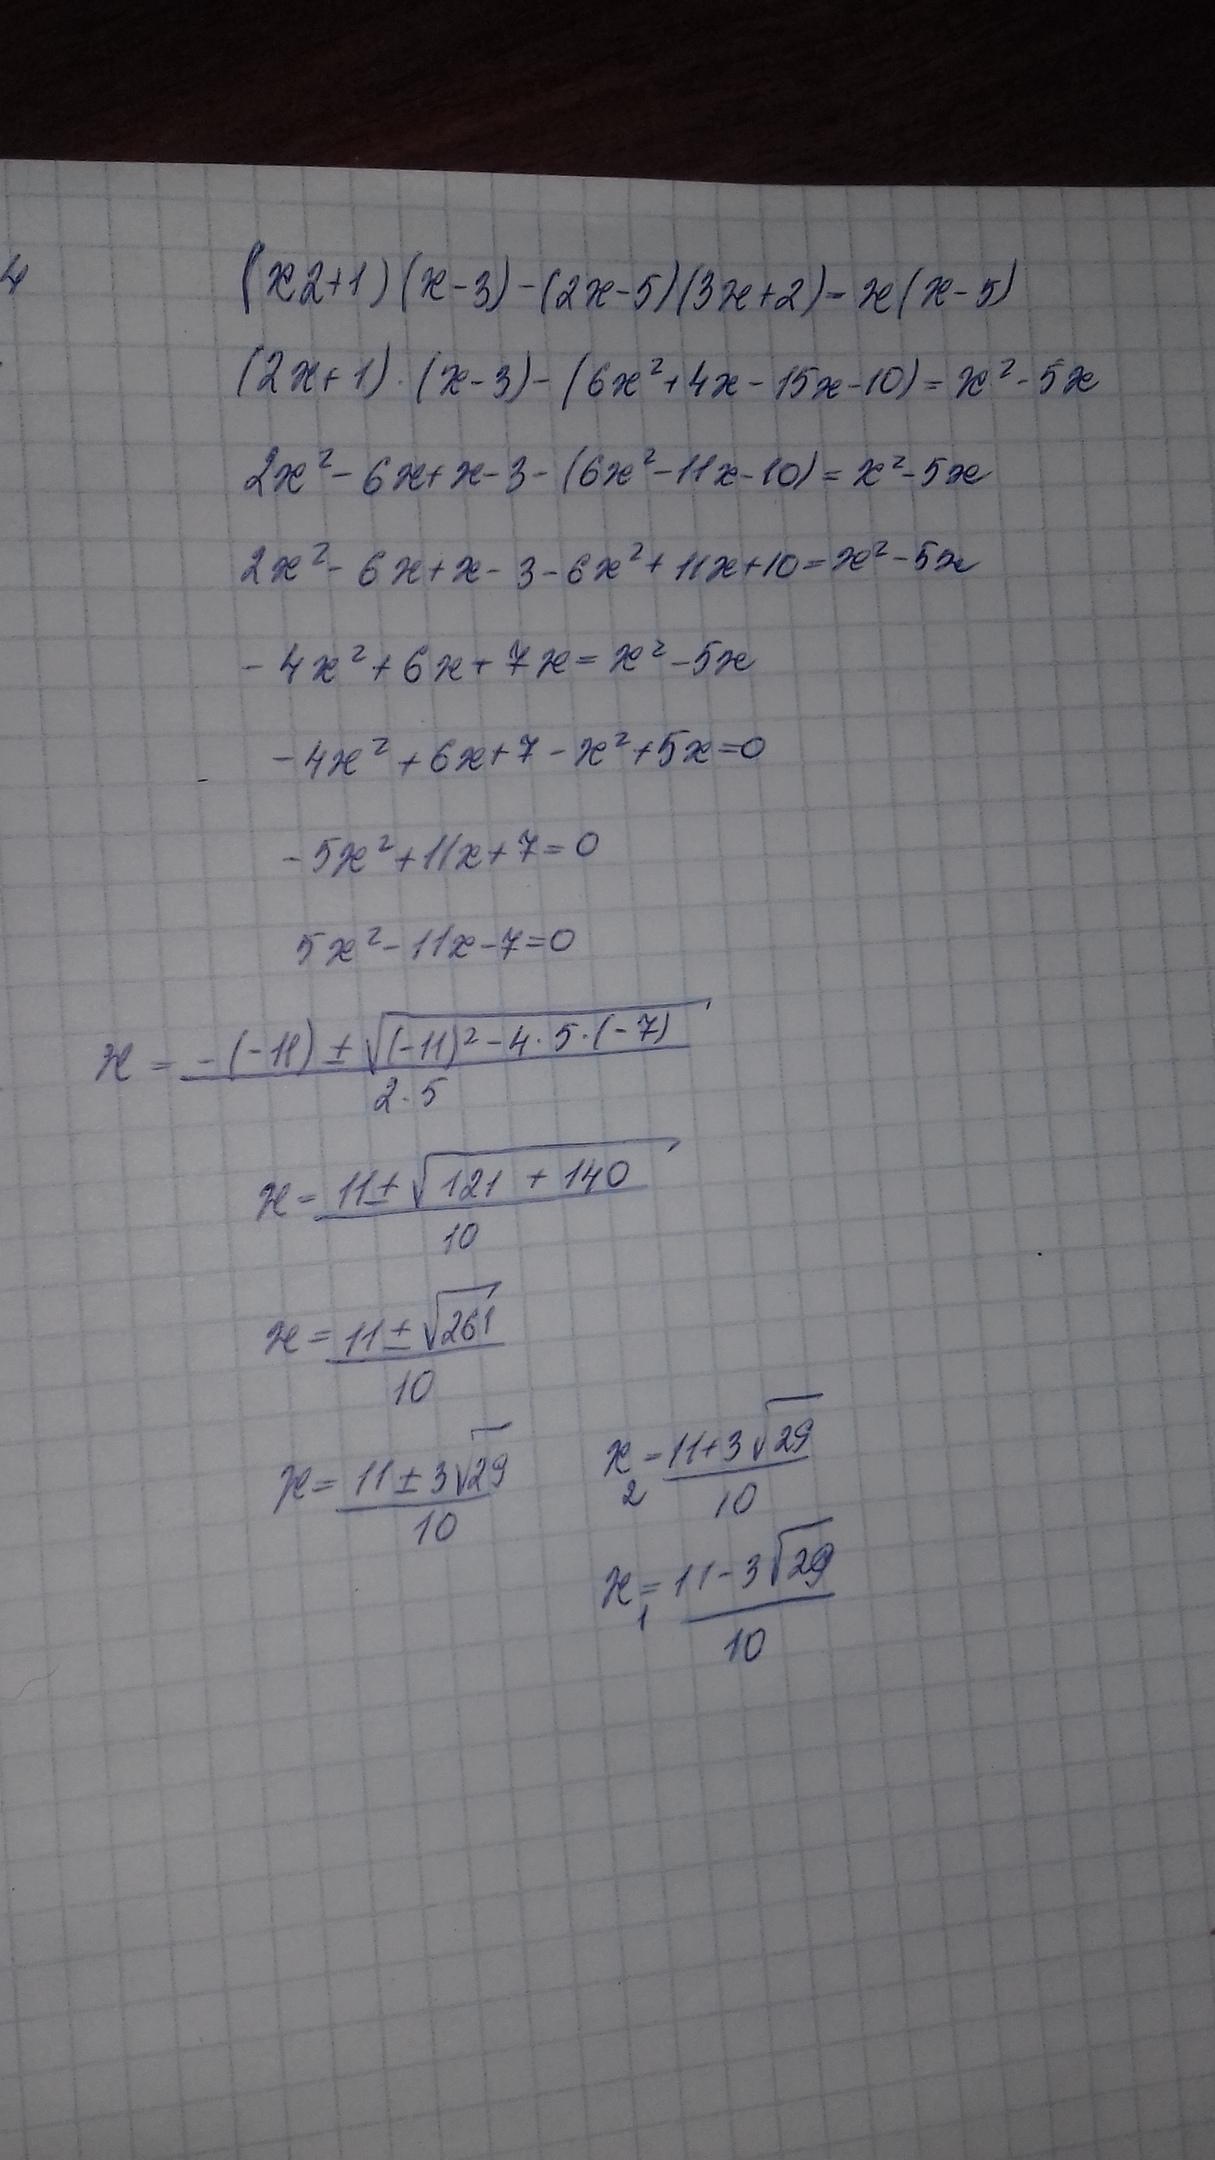 (x2+1)(x-3)-(2x-5)(3x+2)=x(x-5)